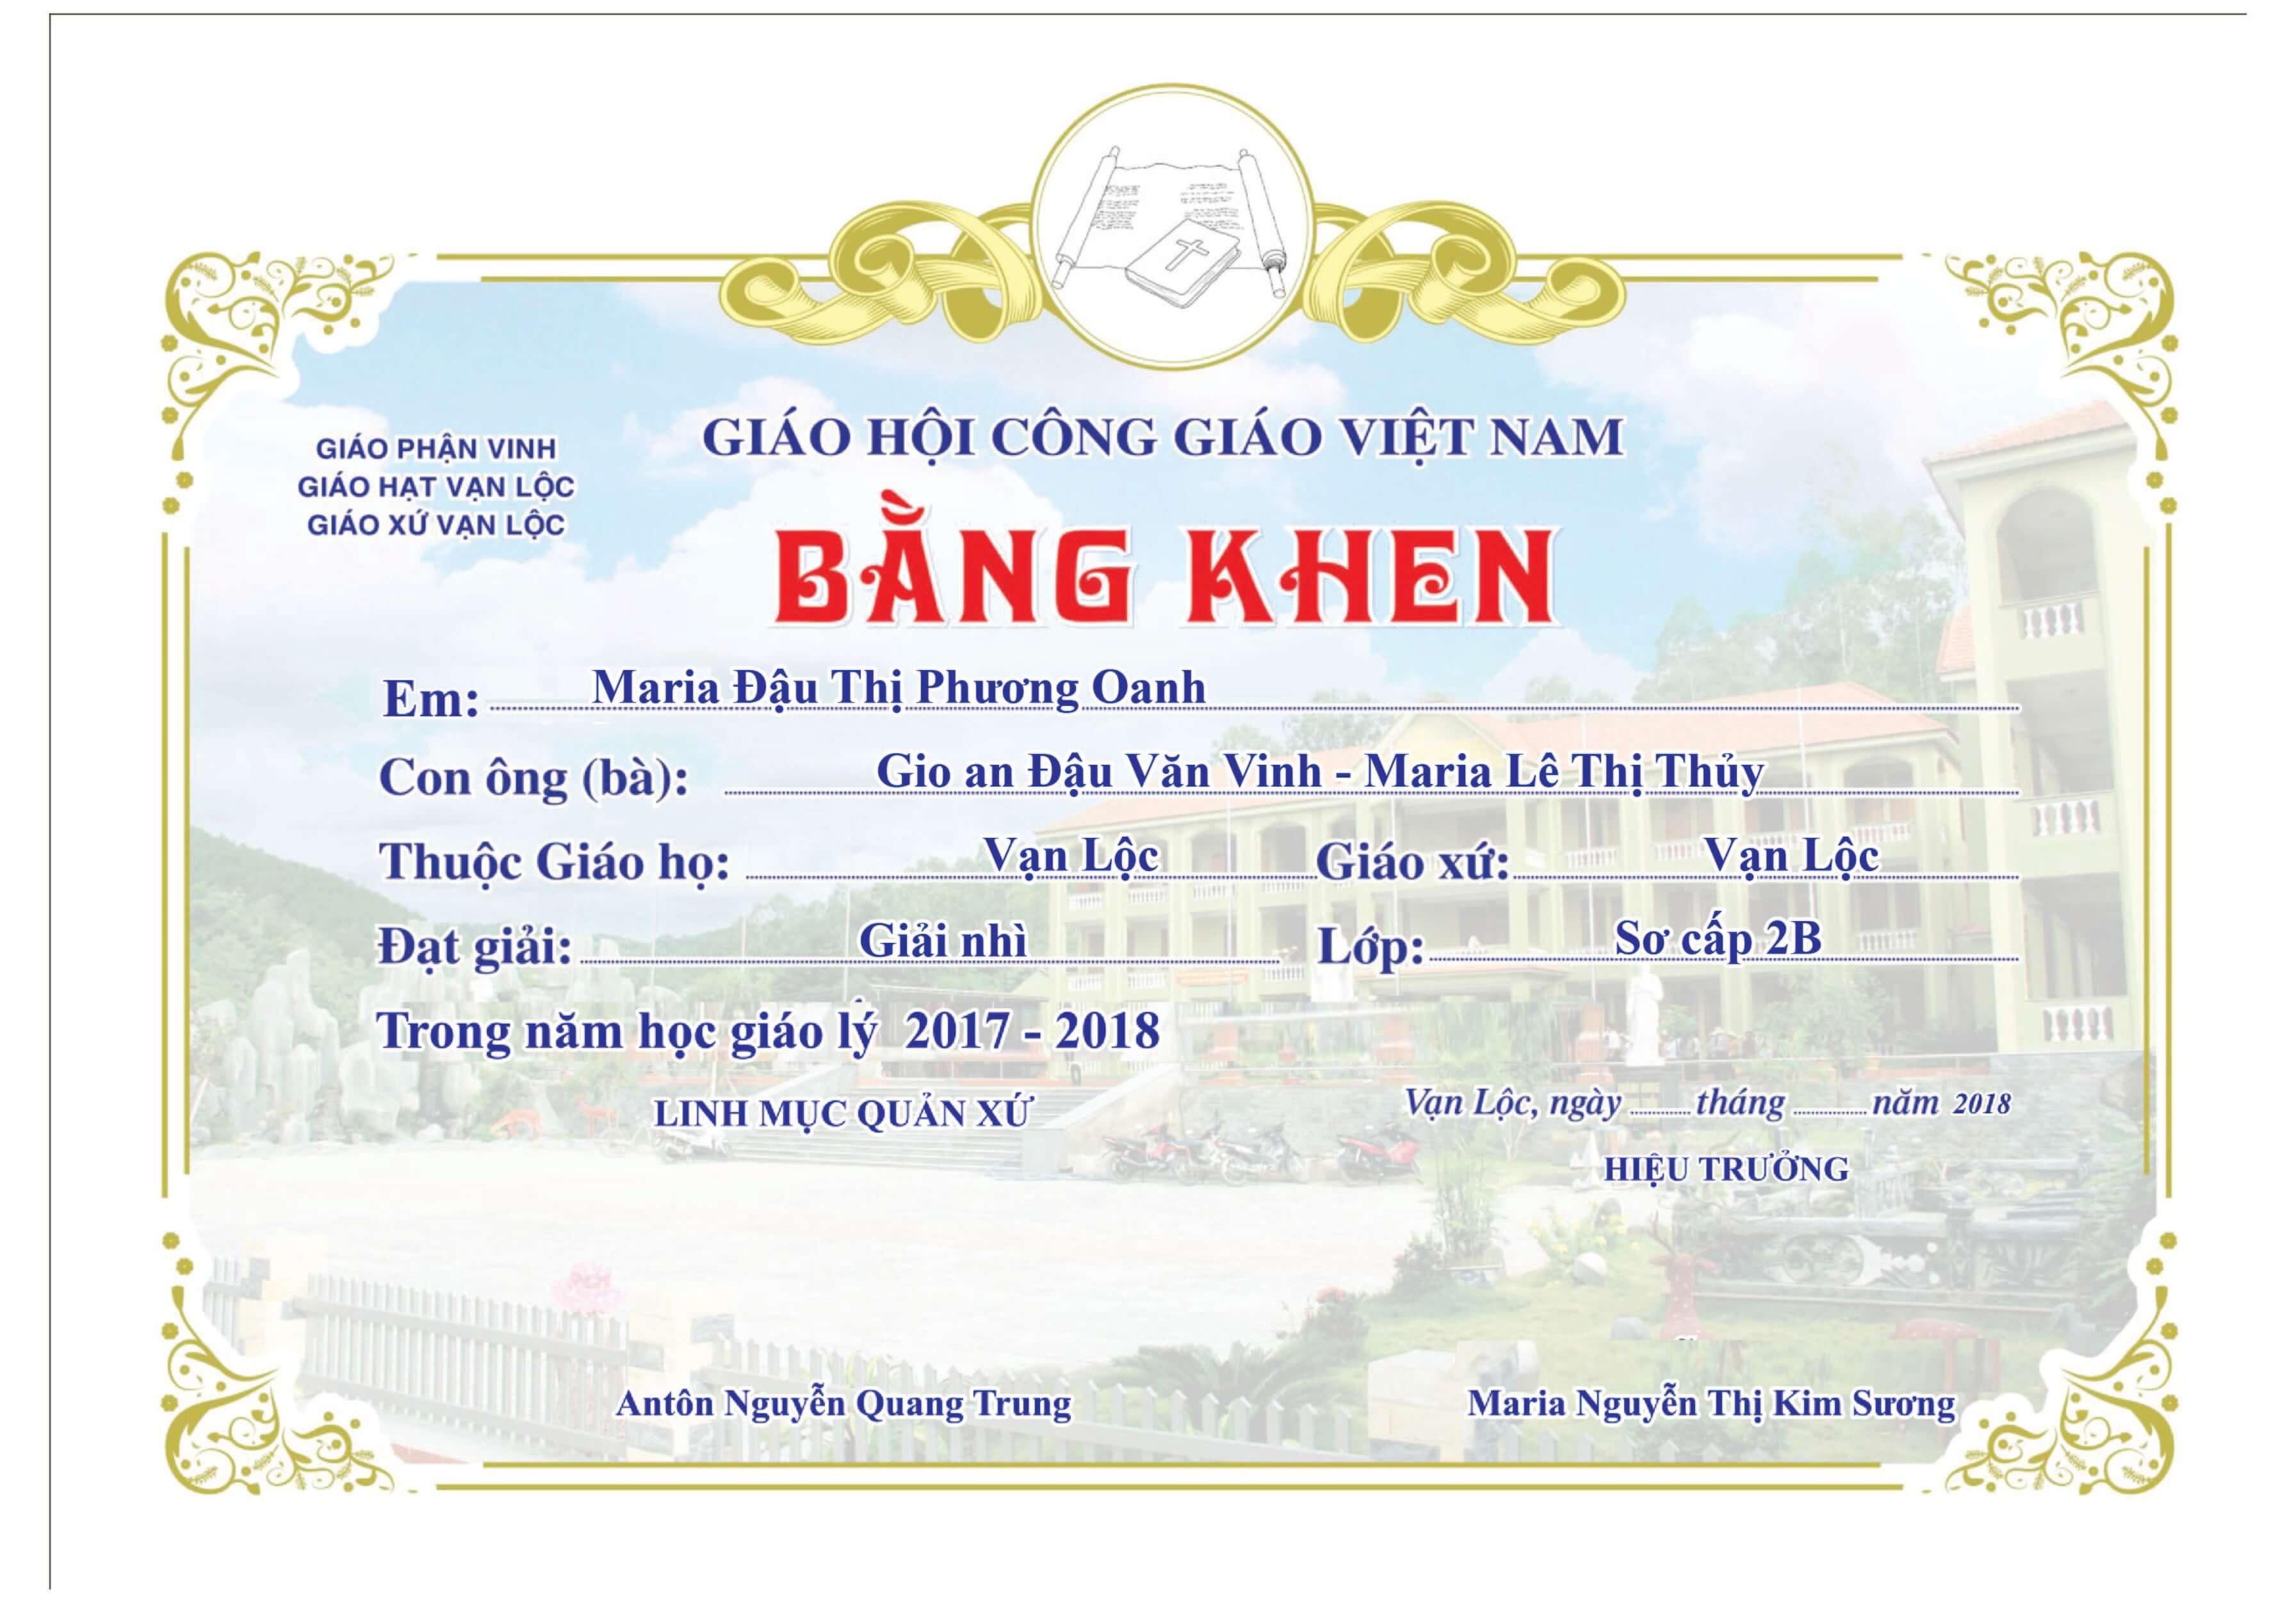 Mẫu giấy khen 063 - Mẫu bằng khen công giáo - link download: https://adsnew.net/phaPP5JJ